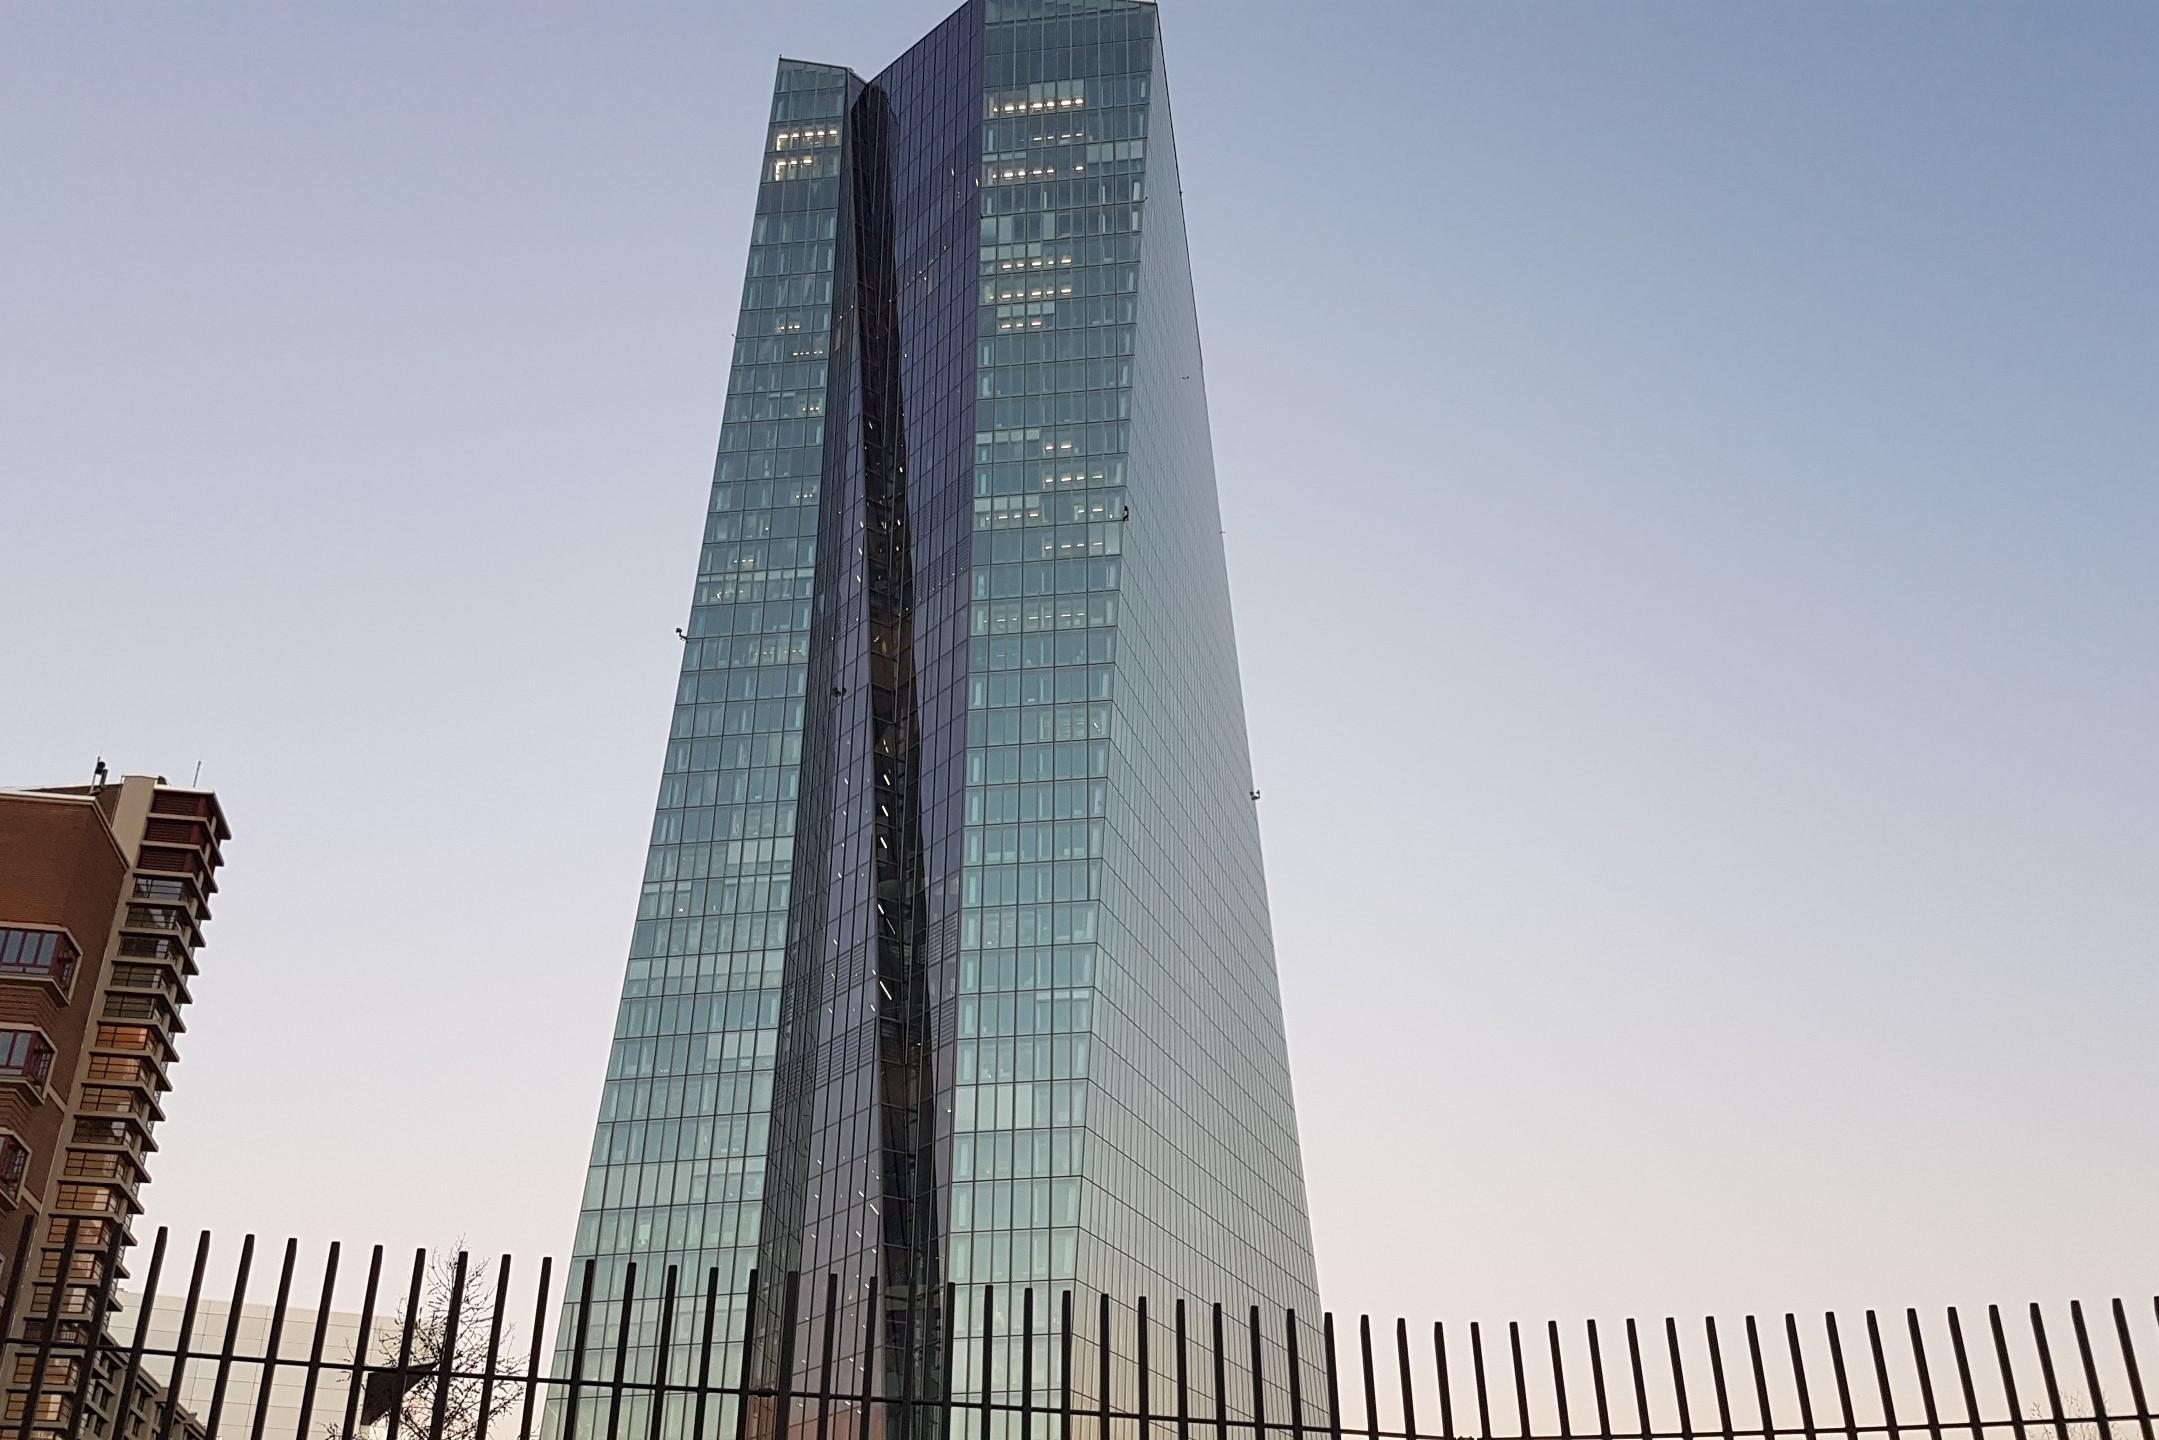 In Draghis Welt lebt man auf Pump